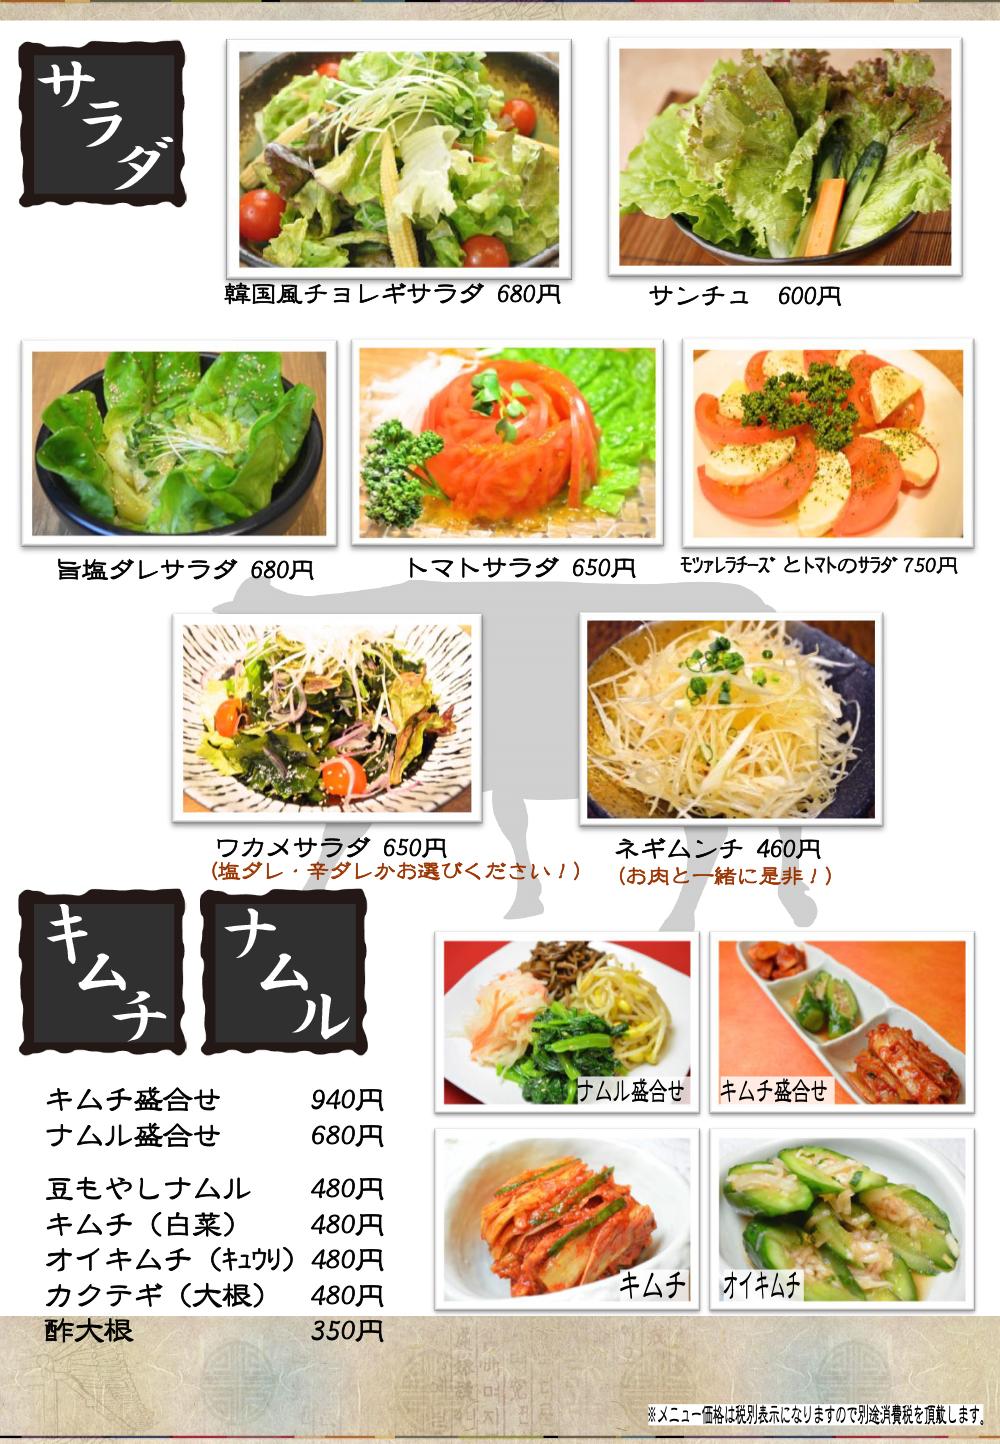 浦安店 一品料理メニュー2